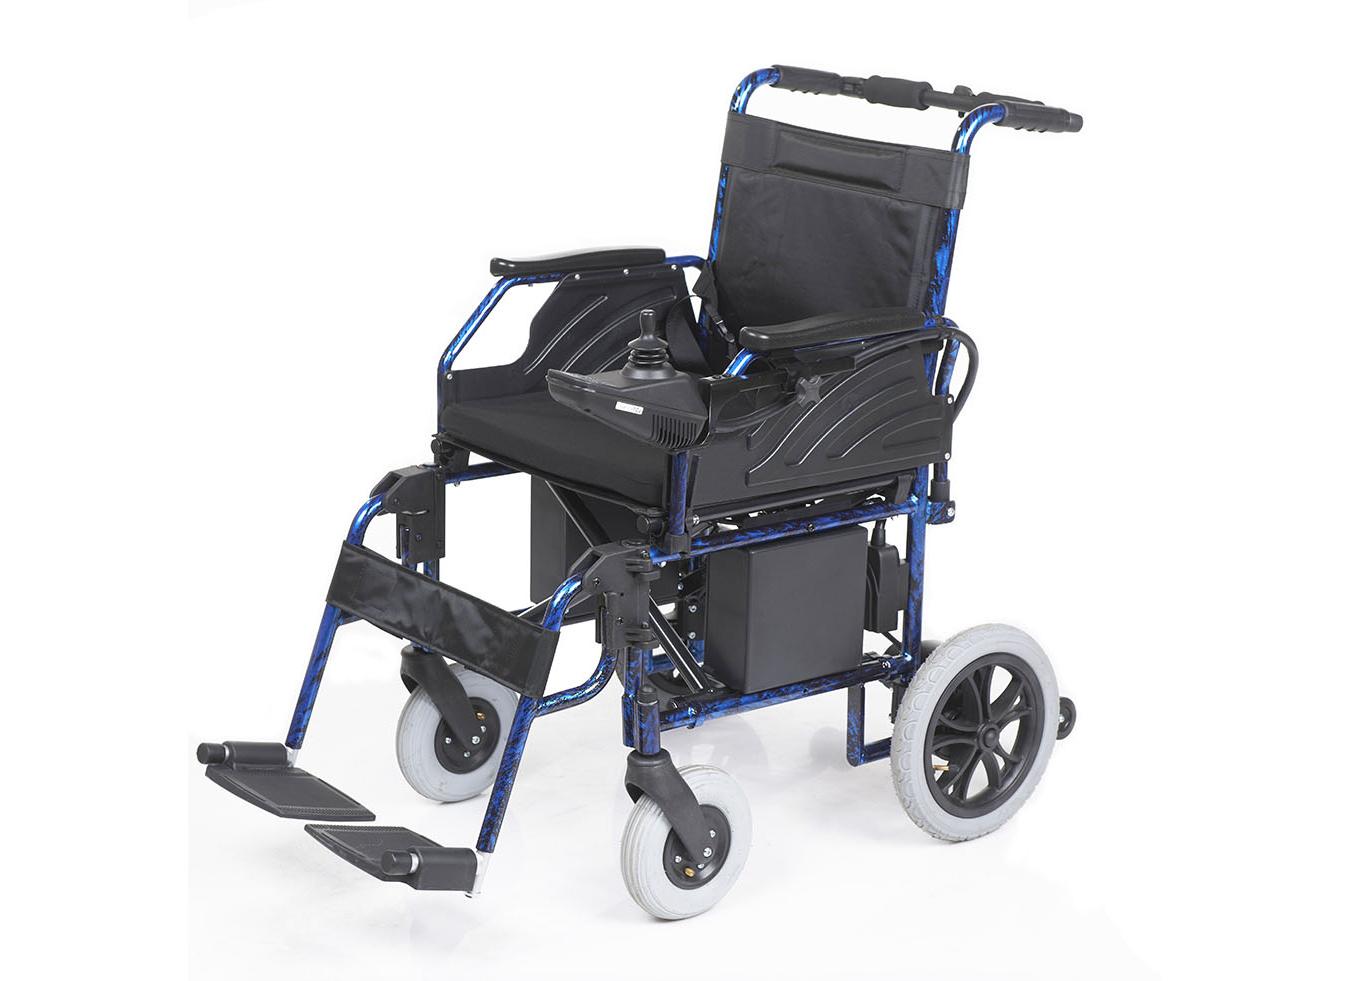 מודרני כסא חשמלי / כסאות חשמליים לנכים UW-98